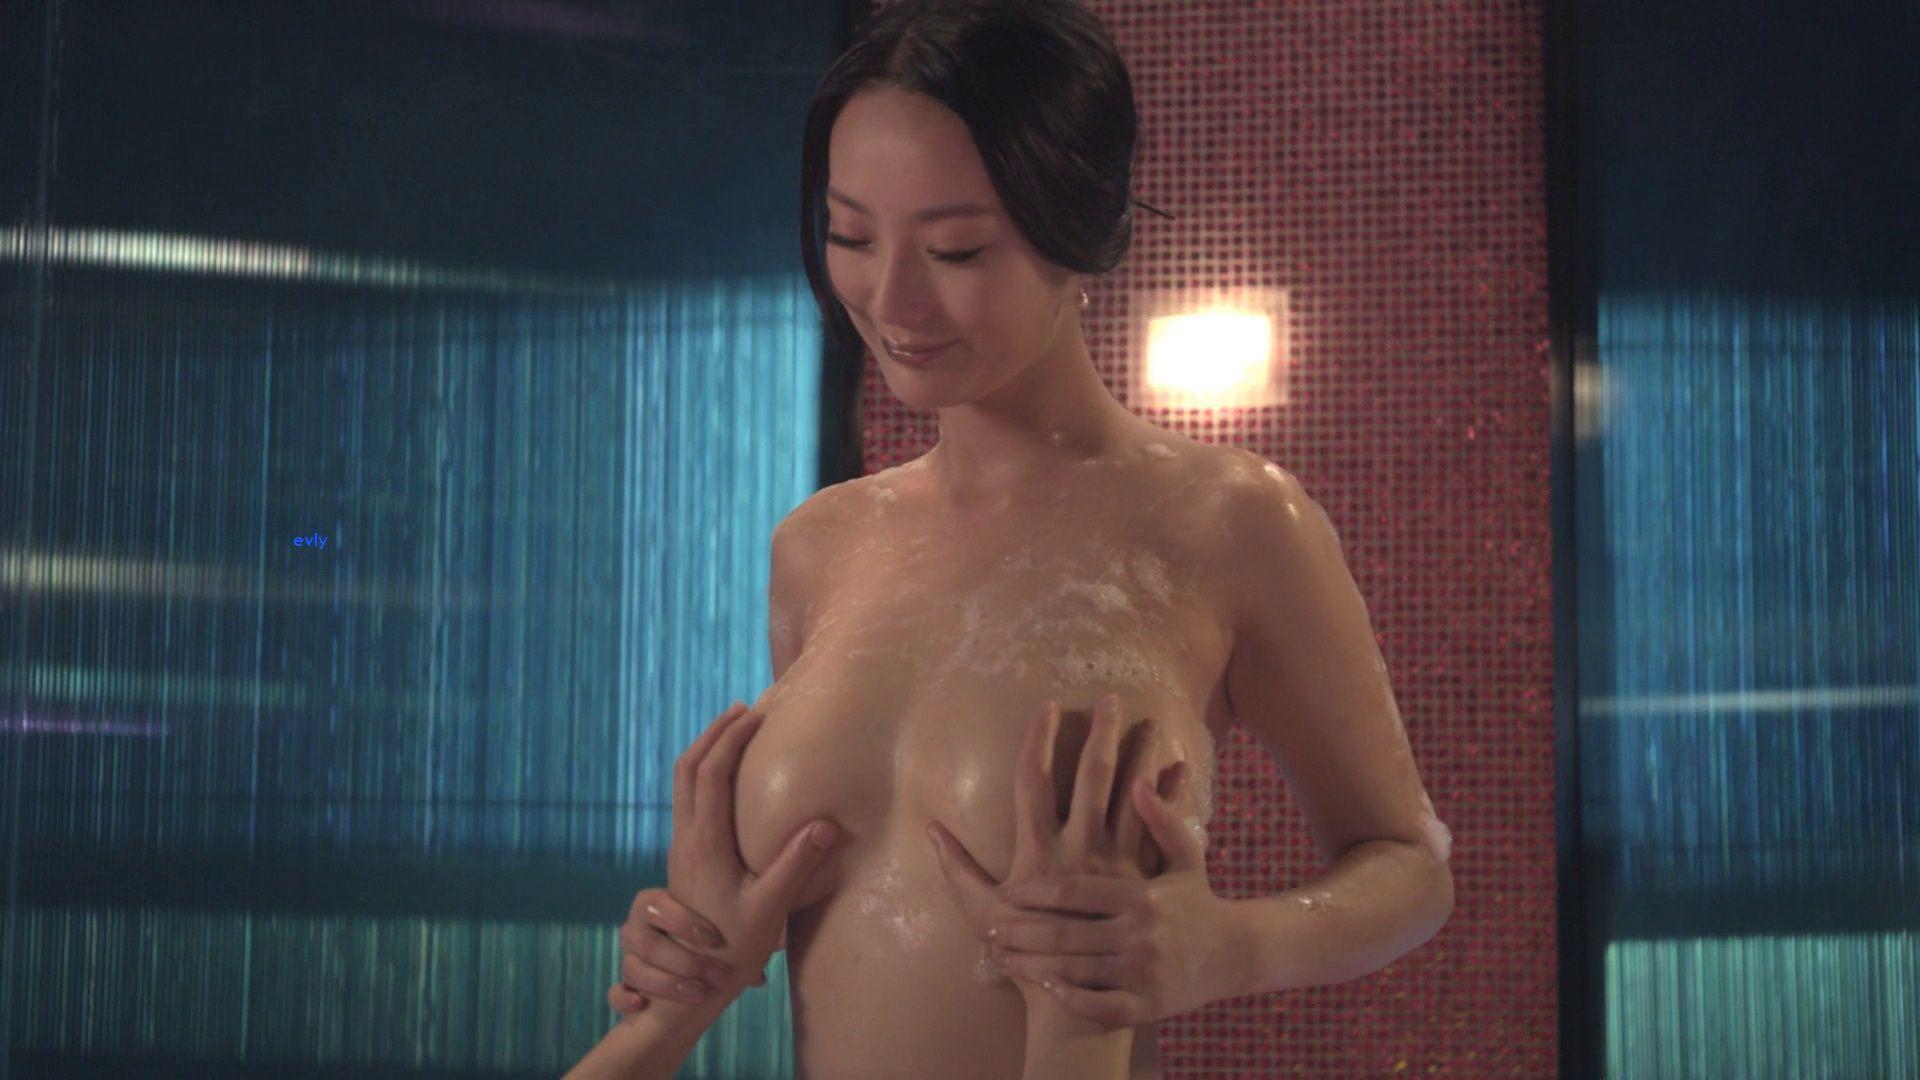 台湾のレジェンド級美巨乳女優「王李丹」のエロ画像